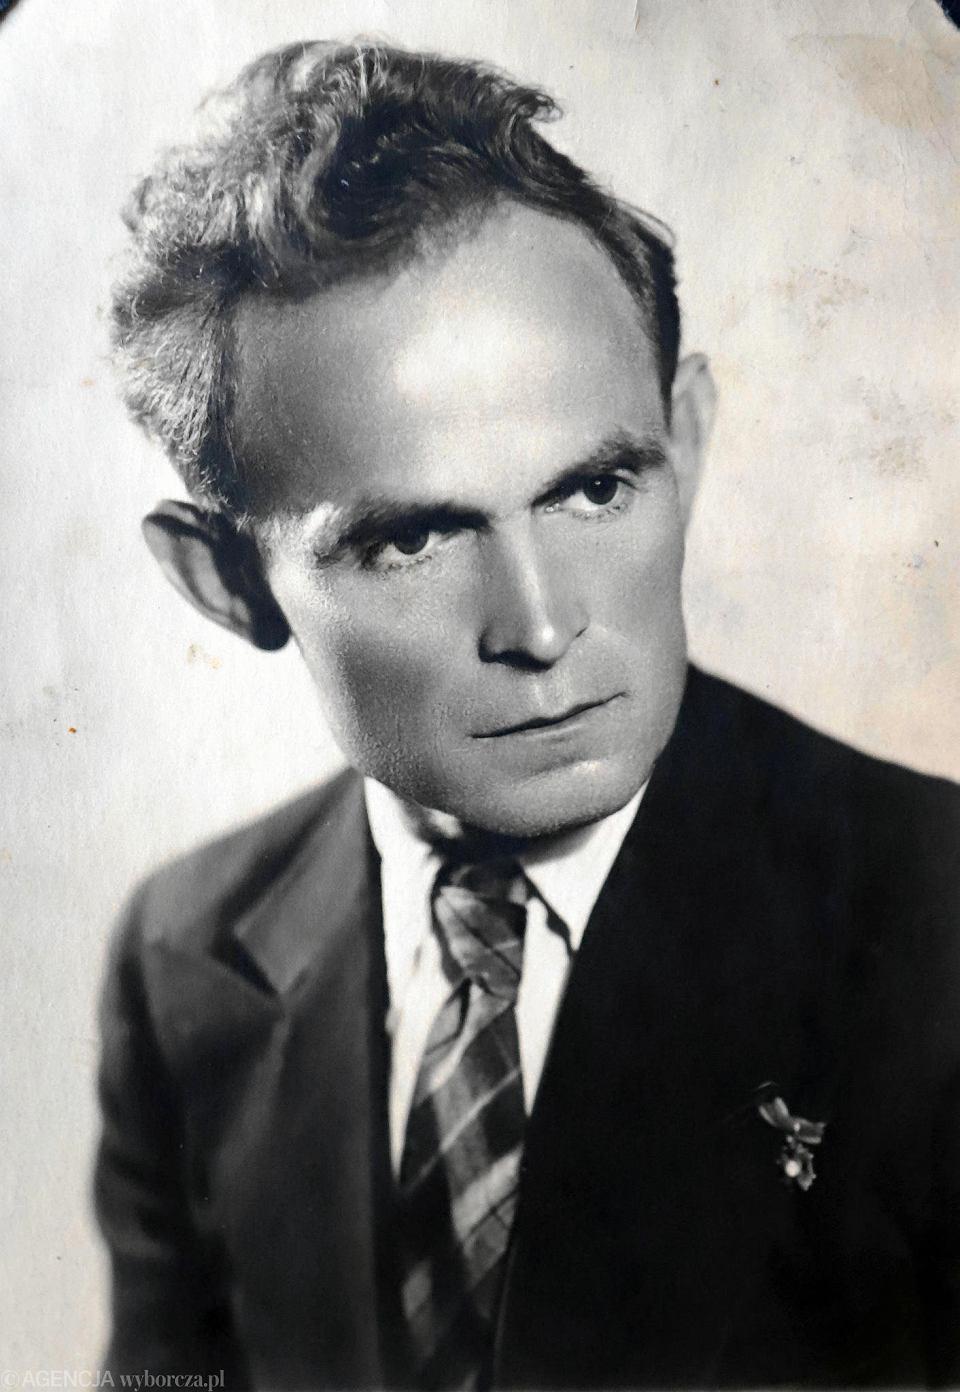 Stefan Policiński. Zdjęcie z archiwum rodzinnego